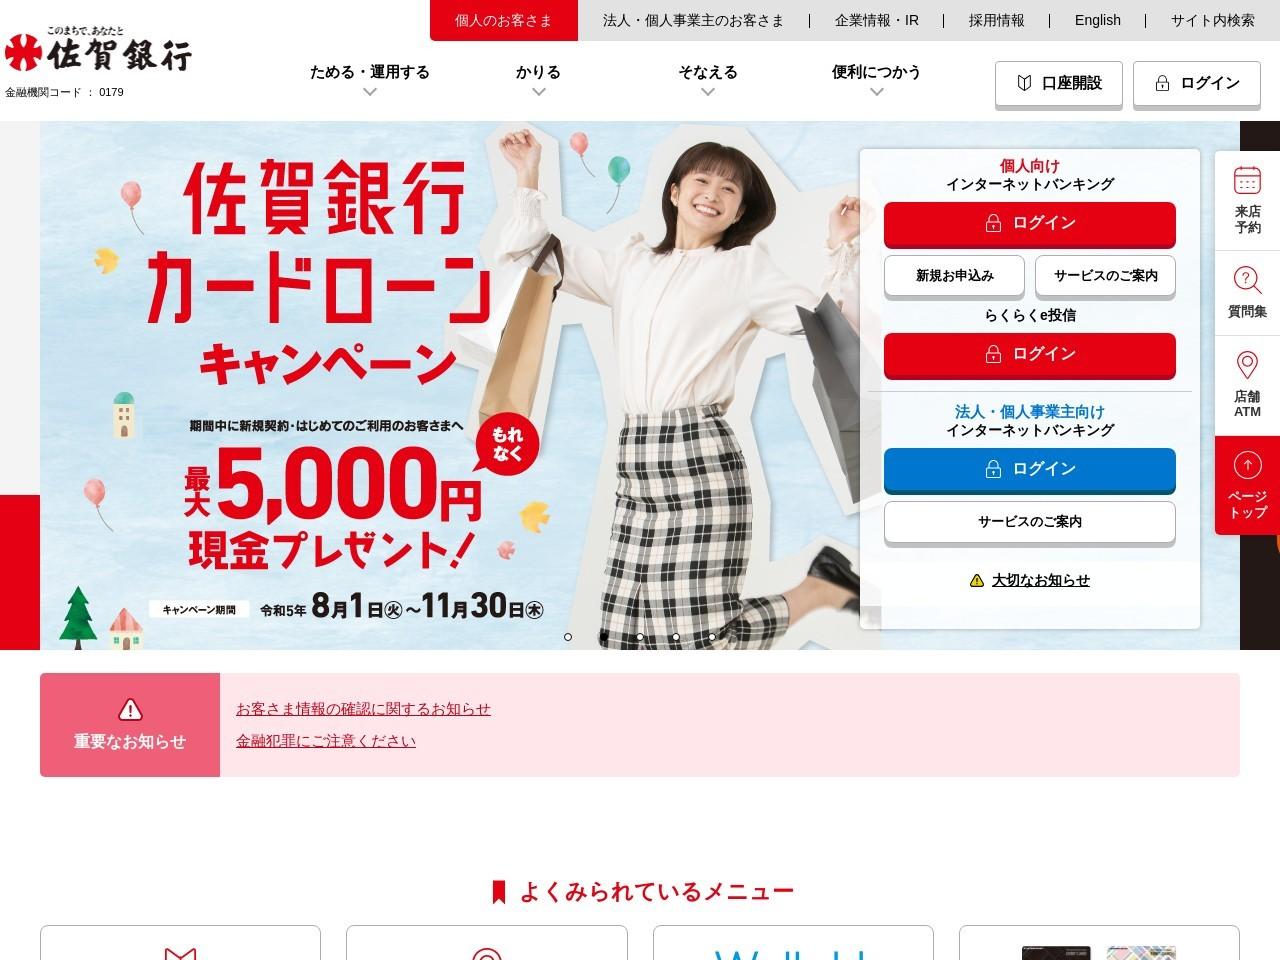 佐賀銀行 鹿島支店佐賀県 銀行